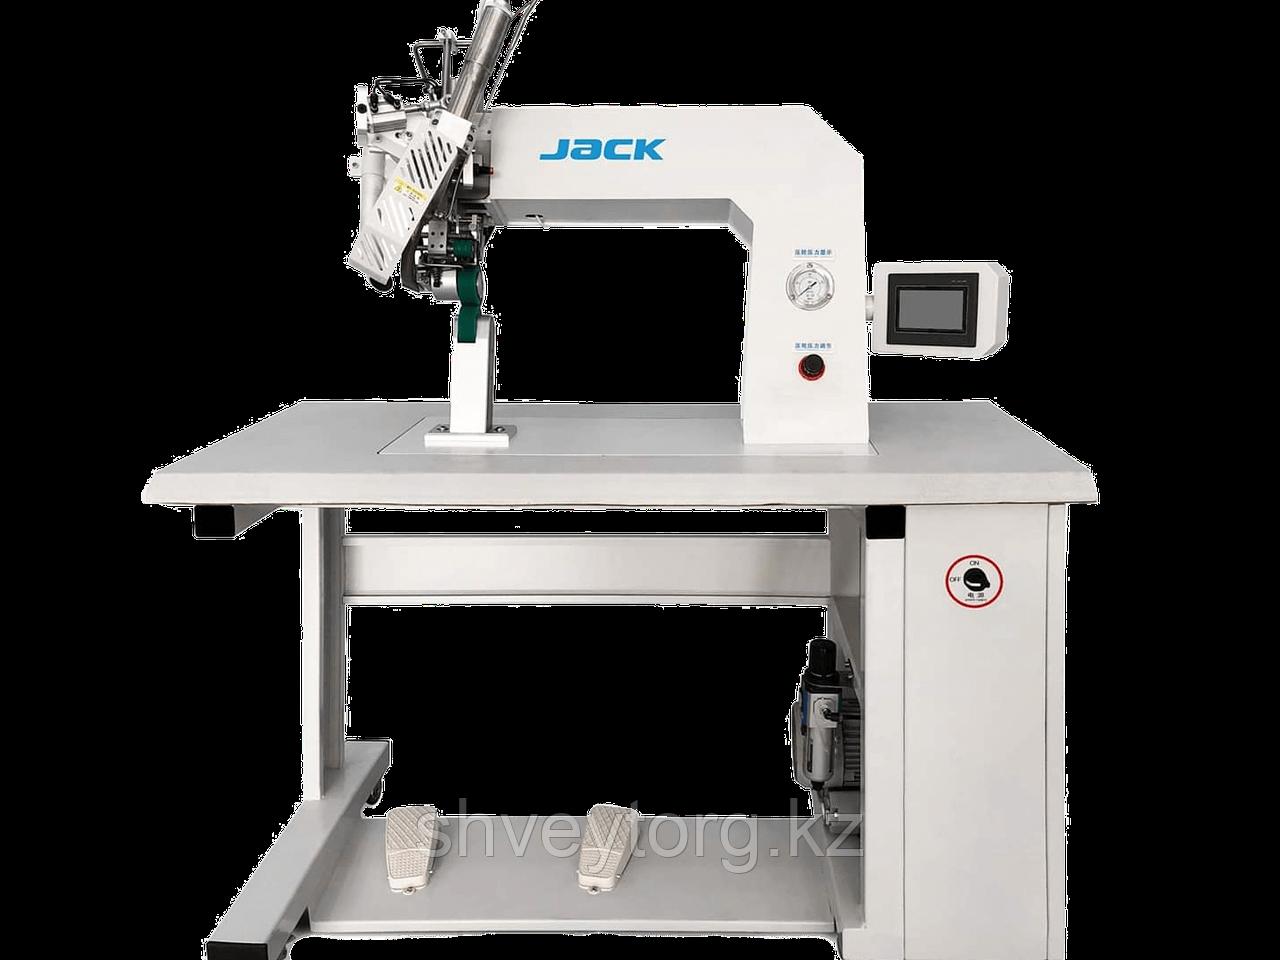 Промышленная швейная машина  Jack 6100 для герметизации швов.